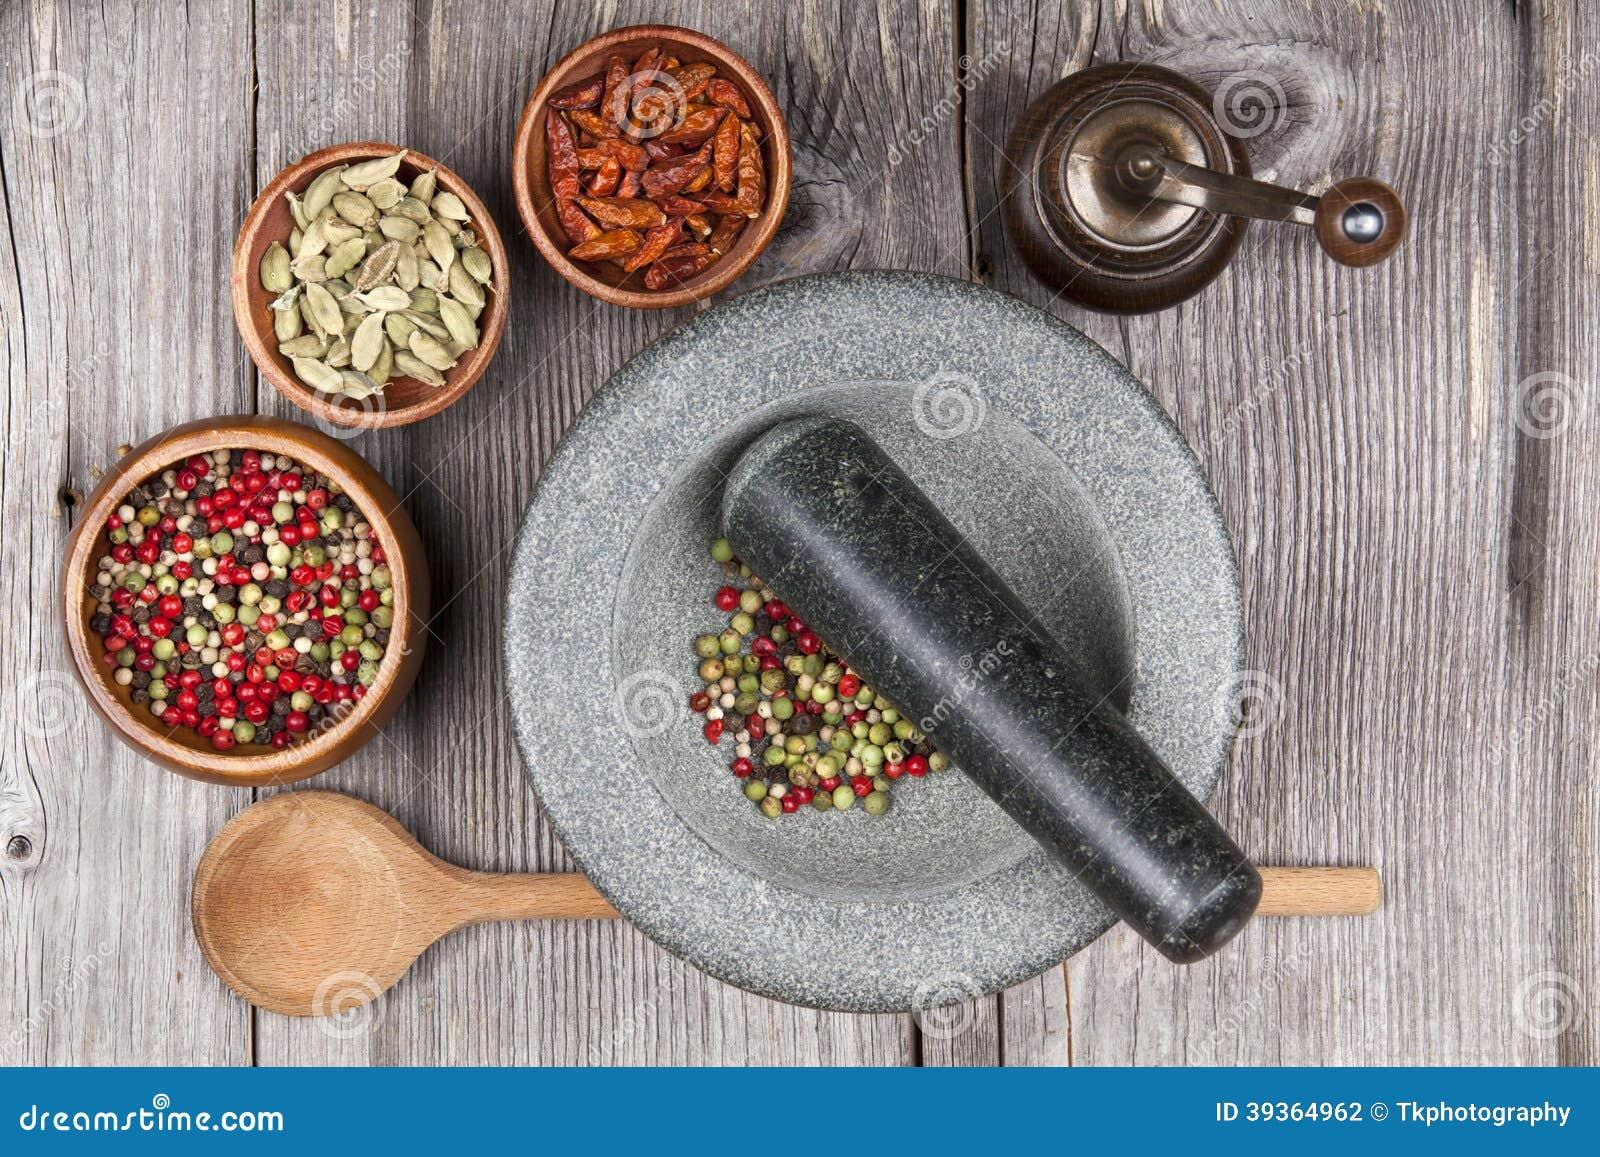 Mortel och mortelstöt med kryddor